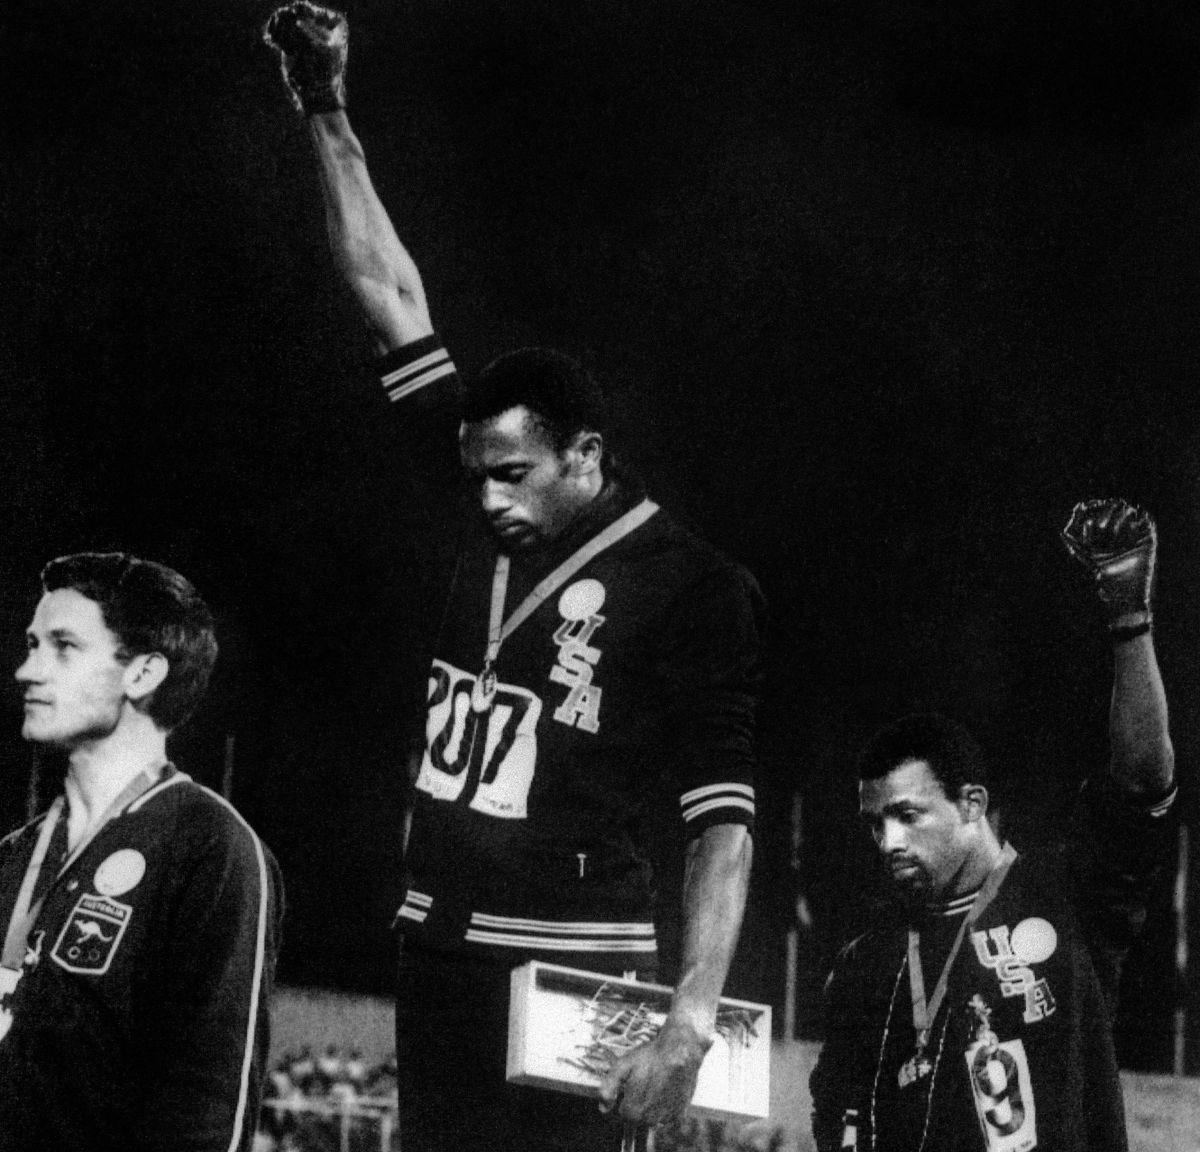 En México 68, Tommie Smith (oro) y John Carlos (bronce), protagonizaron la manifestación deportiva antirracista más recordada de la historia.